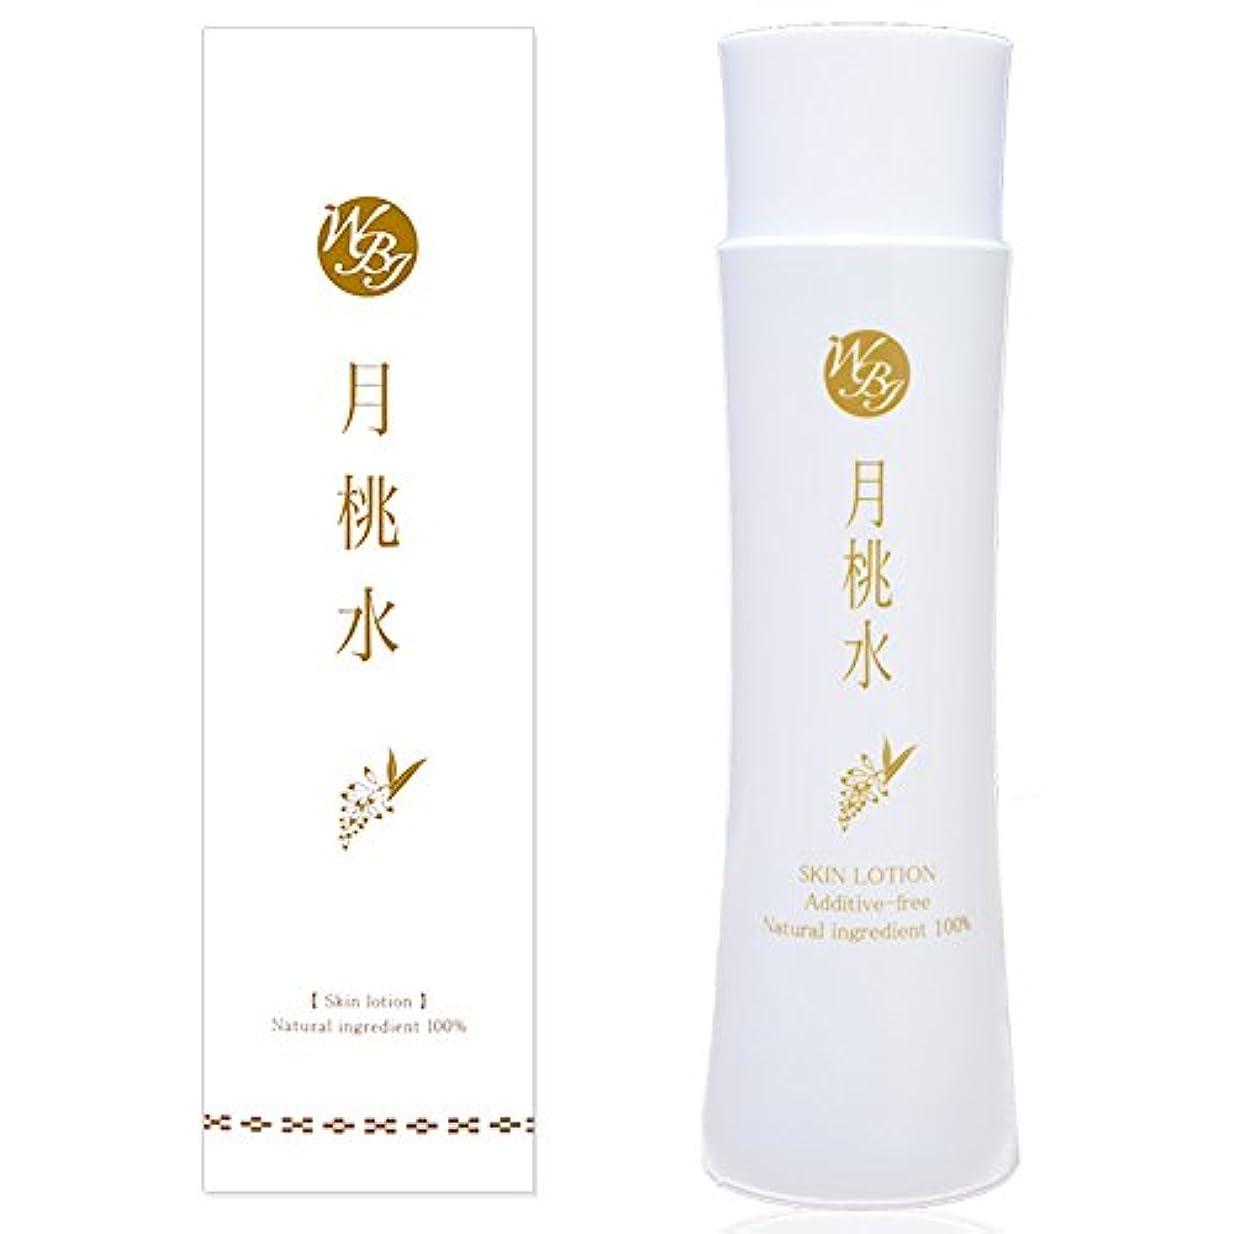 キリマンジャロソフトウェアみ月桃水 月桃化粧水 200ml